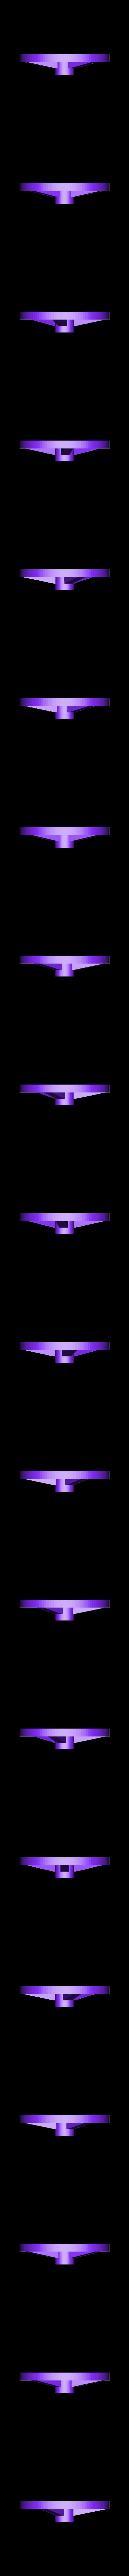 brake_wheel.stl Télécharger fichier STL gratuit Boxcar russe série 11-270, échelle HO • Design pour impression 3D, positron